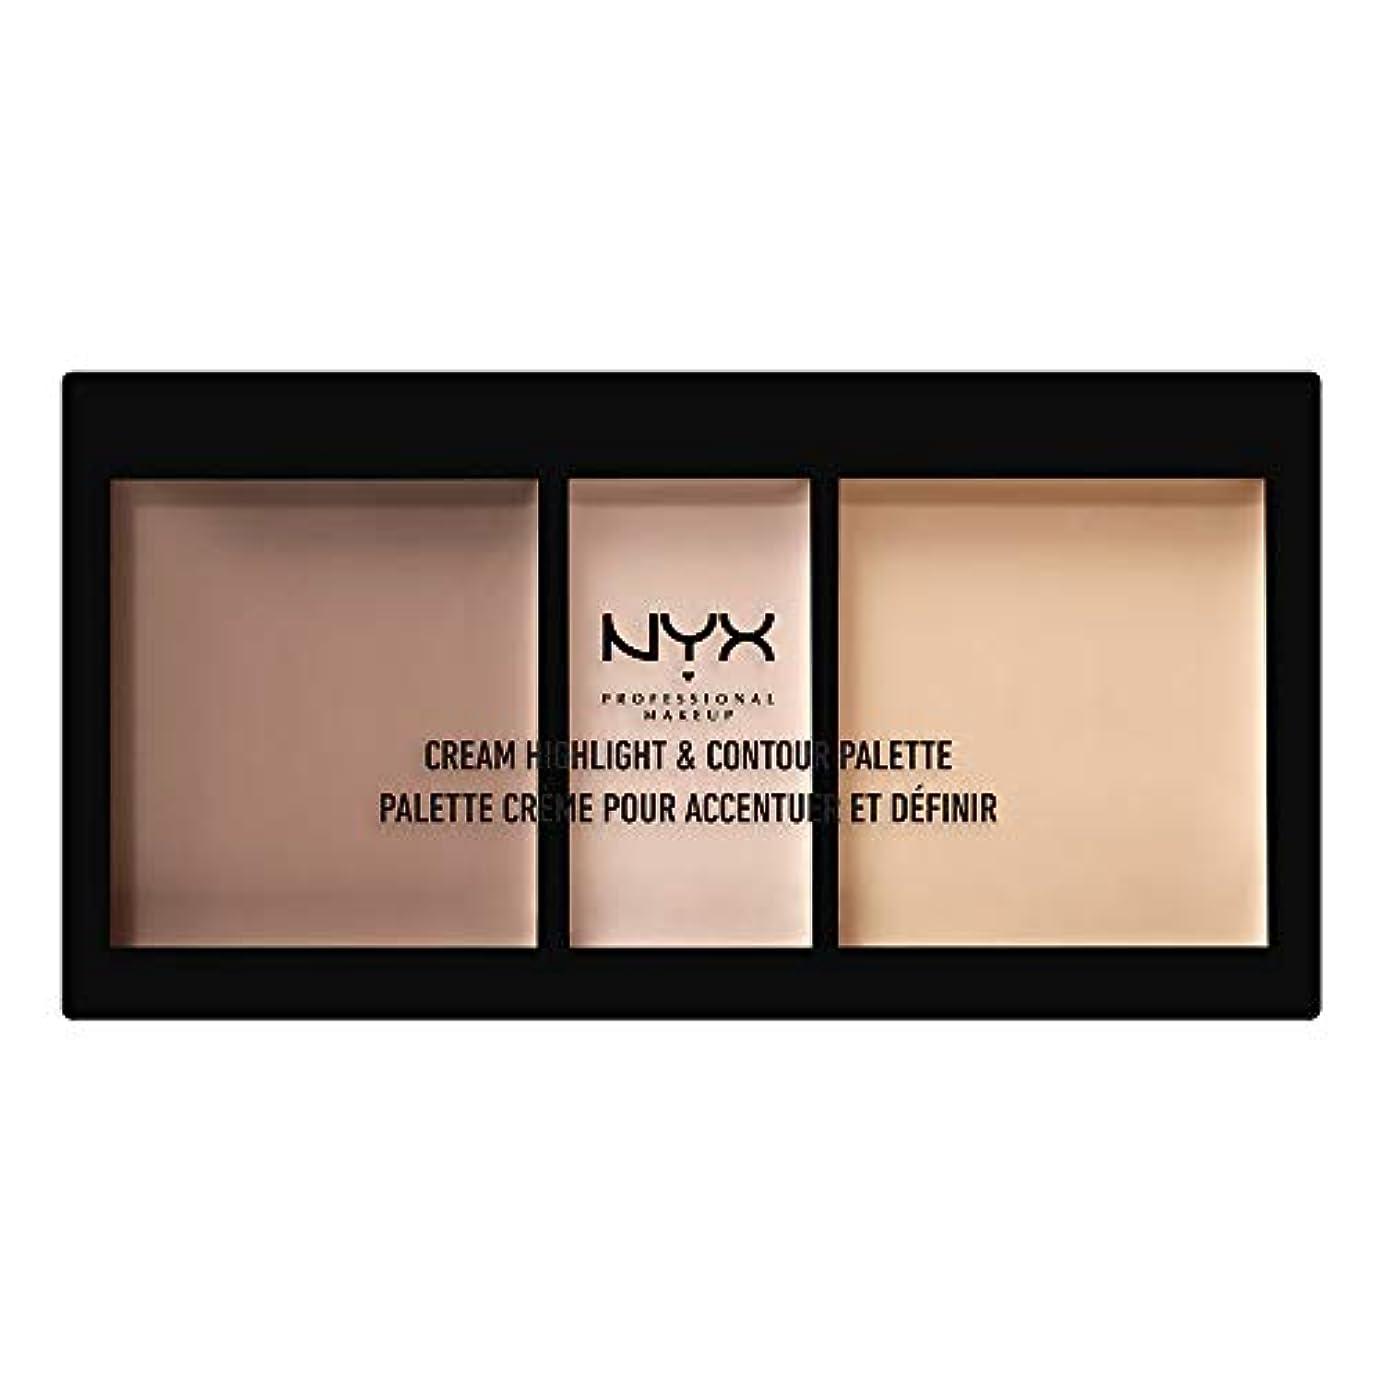 入り口円形病なNYX(ニックス) クリーム ハイライト&コントゥアー パレット 01 カラーライト